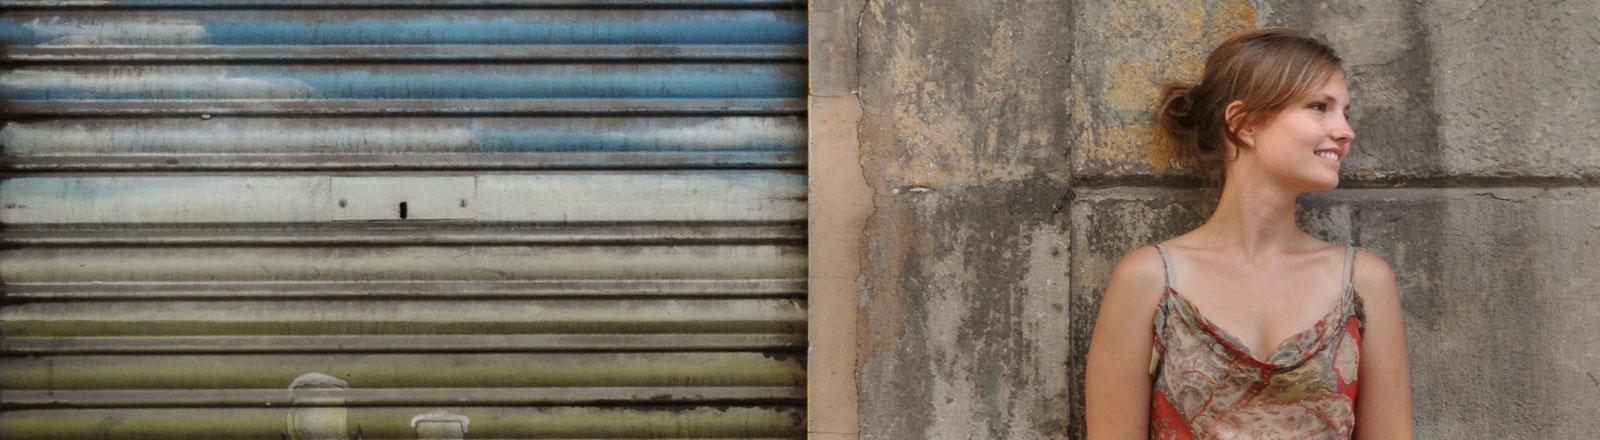 Eine Frau steht alleine vor einer Mauer.